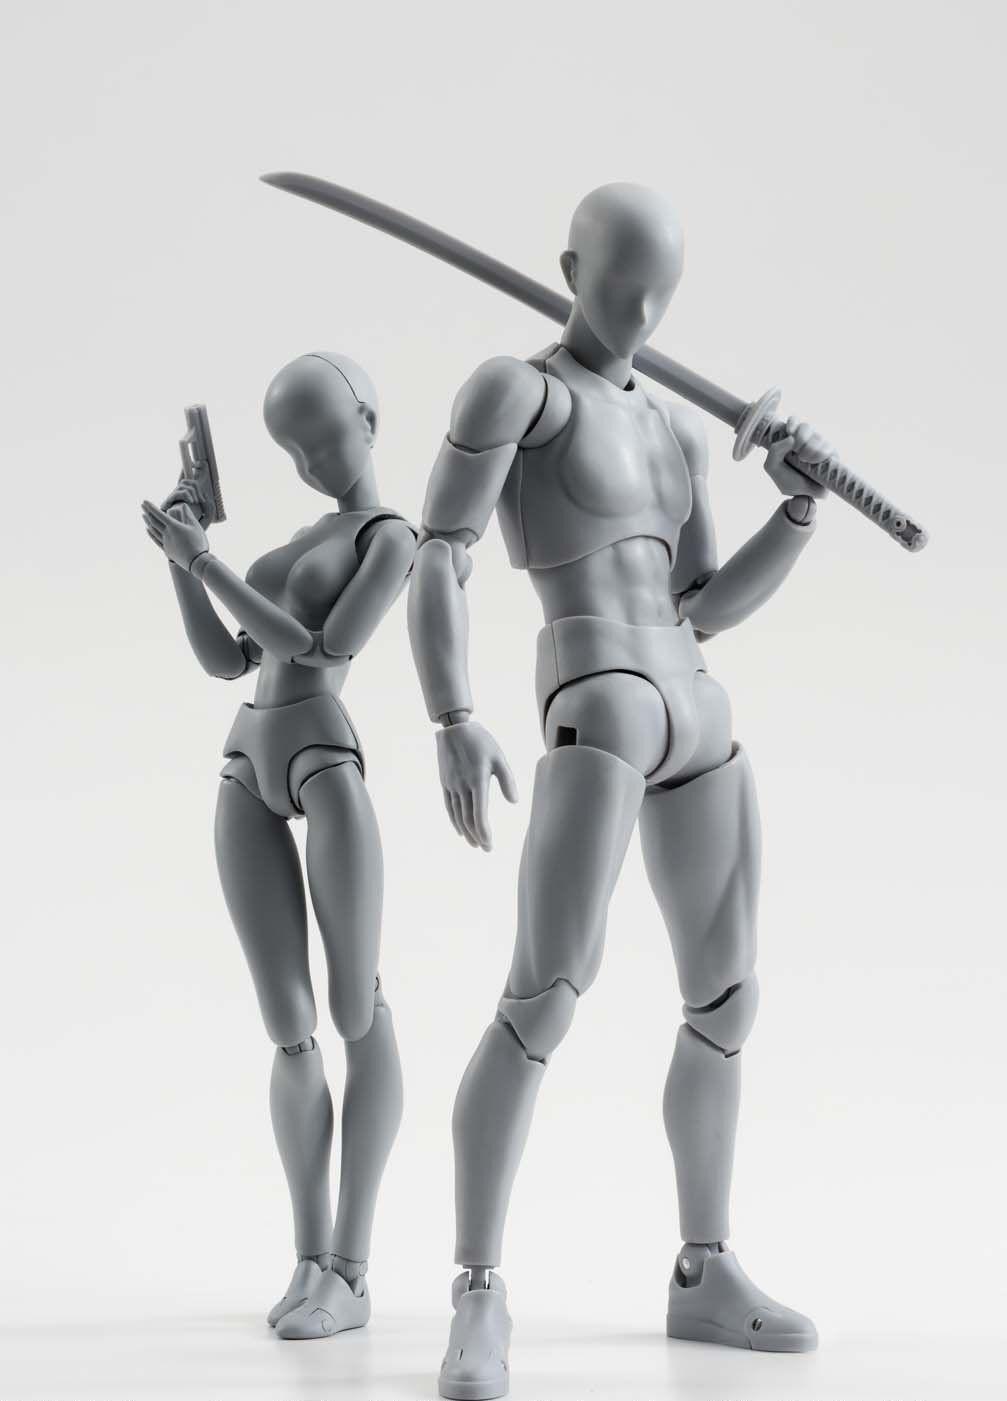 Bandai S.H. Figuarts body kun & body chan DX Set grau Farbe Ver. Set of 2 F/S